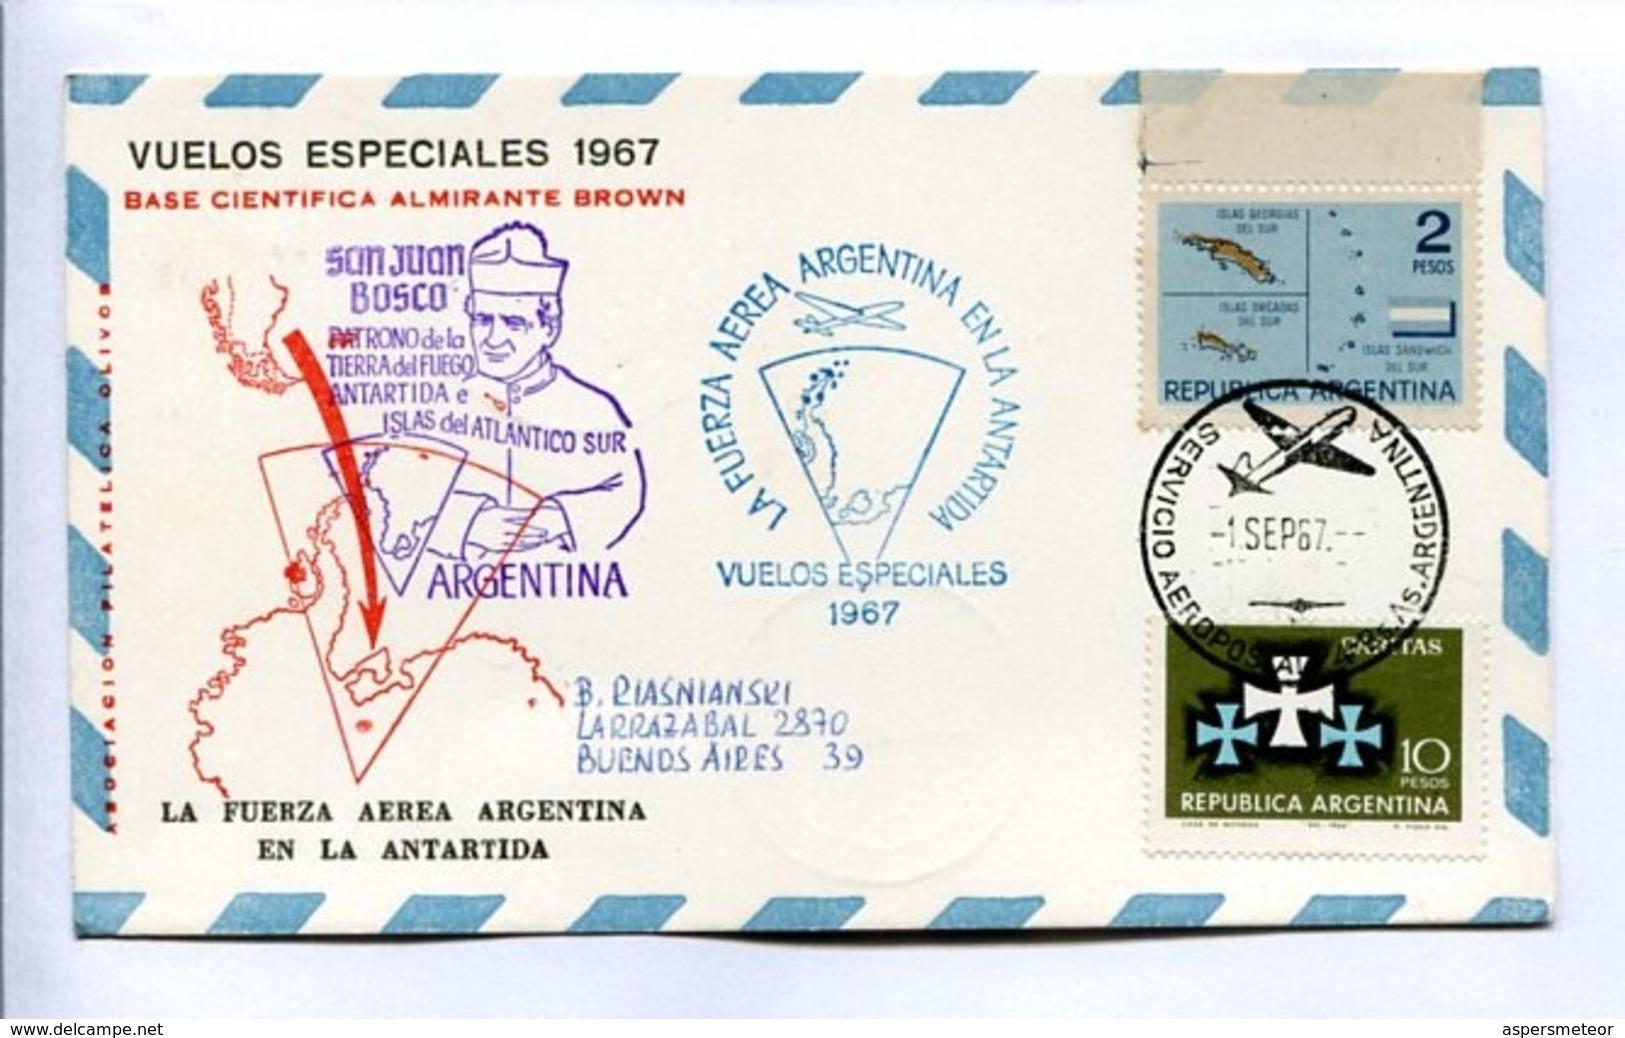 VUELOS ESPECIALES - BASE CIENTÍFICA ALMIRANTE BROWN. FUERZA AEREA ARGENTINA EN LA ANTARTIDA. 1967 CARTE PAR AVION -LILHU - Polar Flights